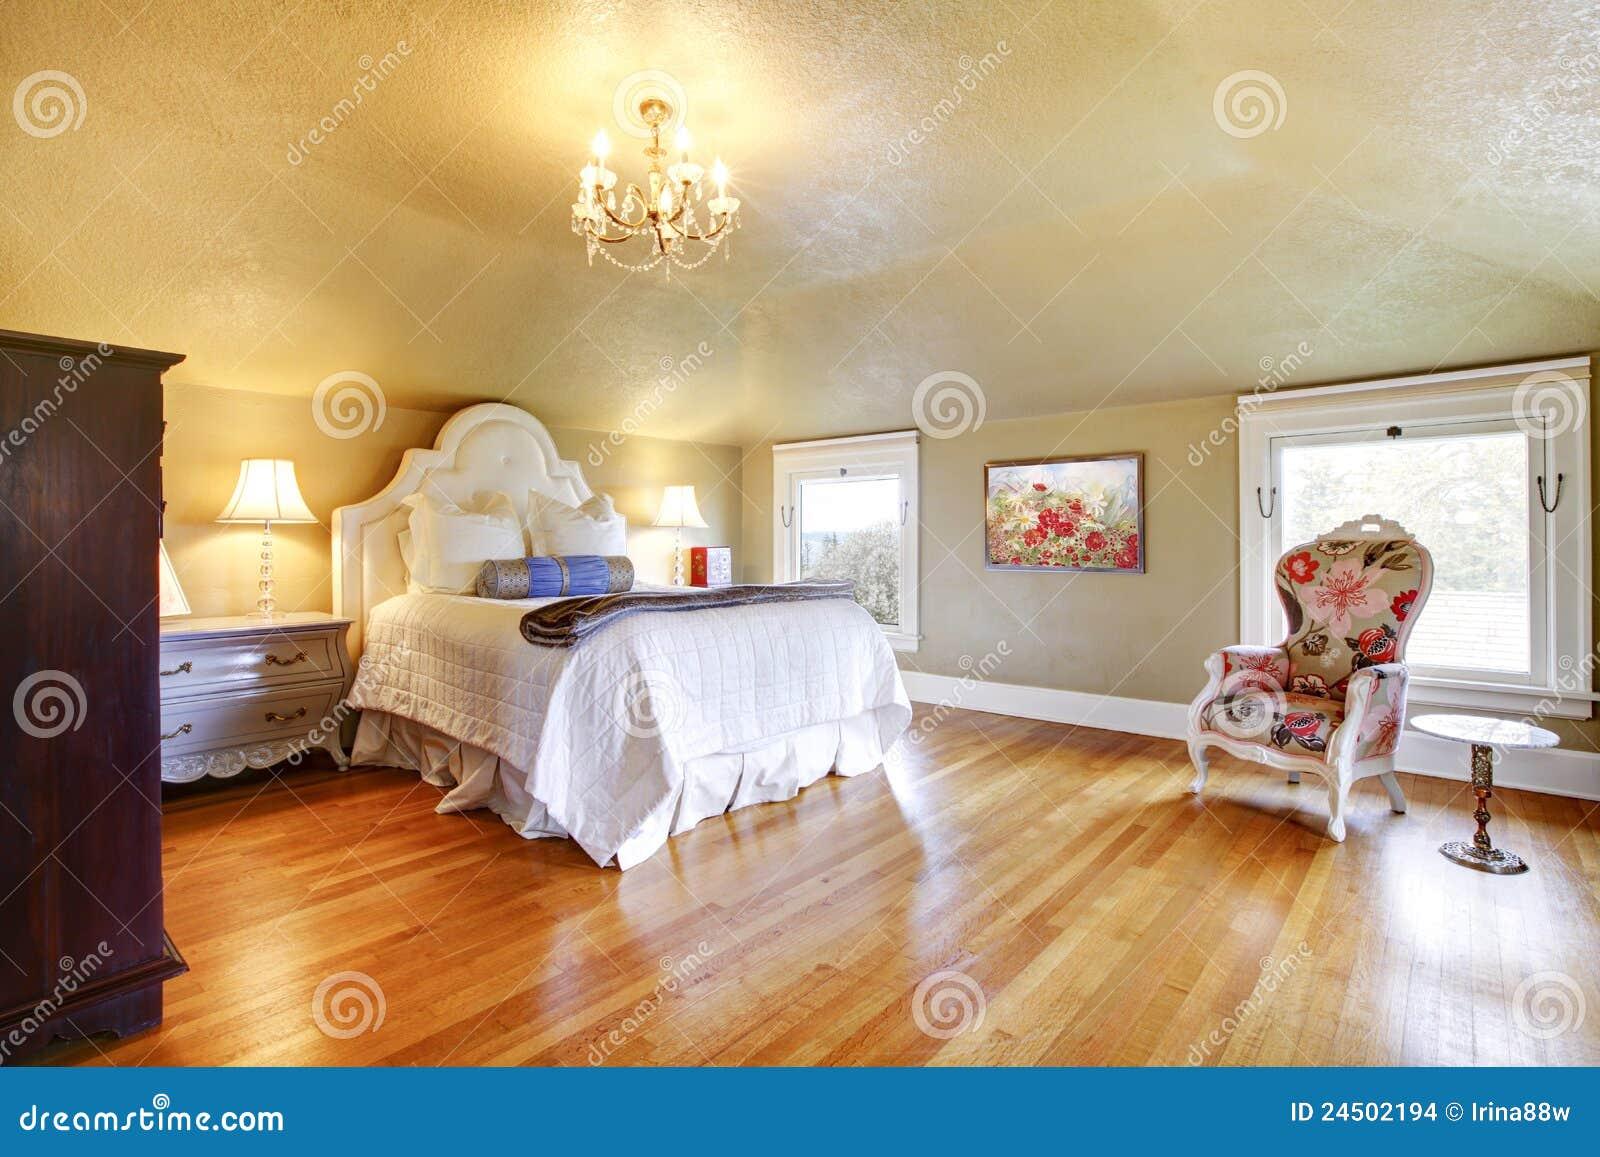 Camera da letto di lusso dell 39 oro con stratificazione for Nuova camera da letto dell inghilterra